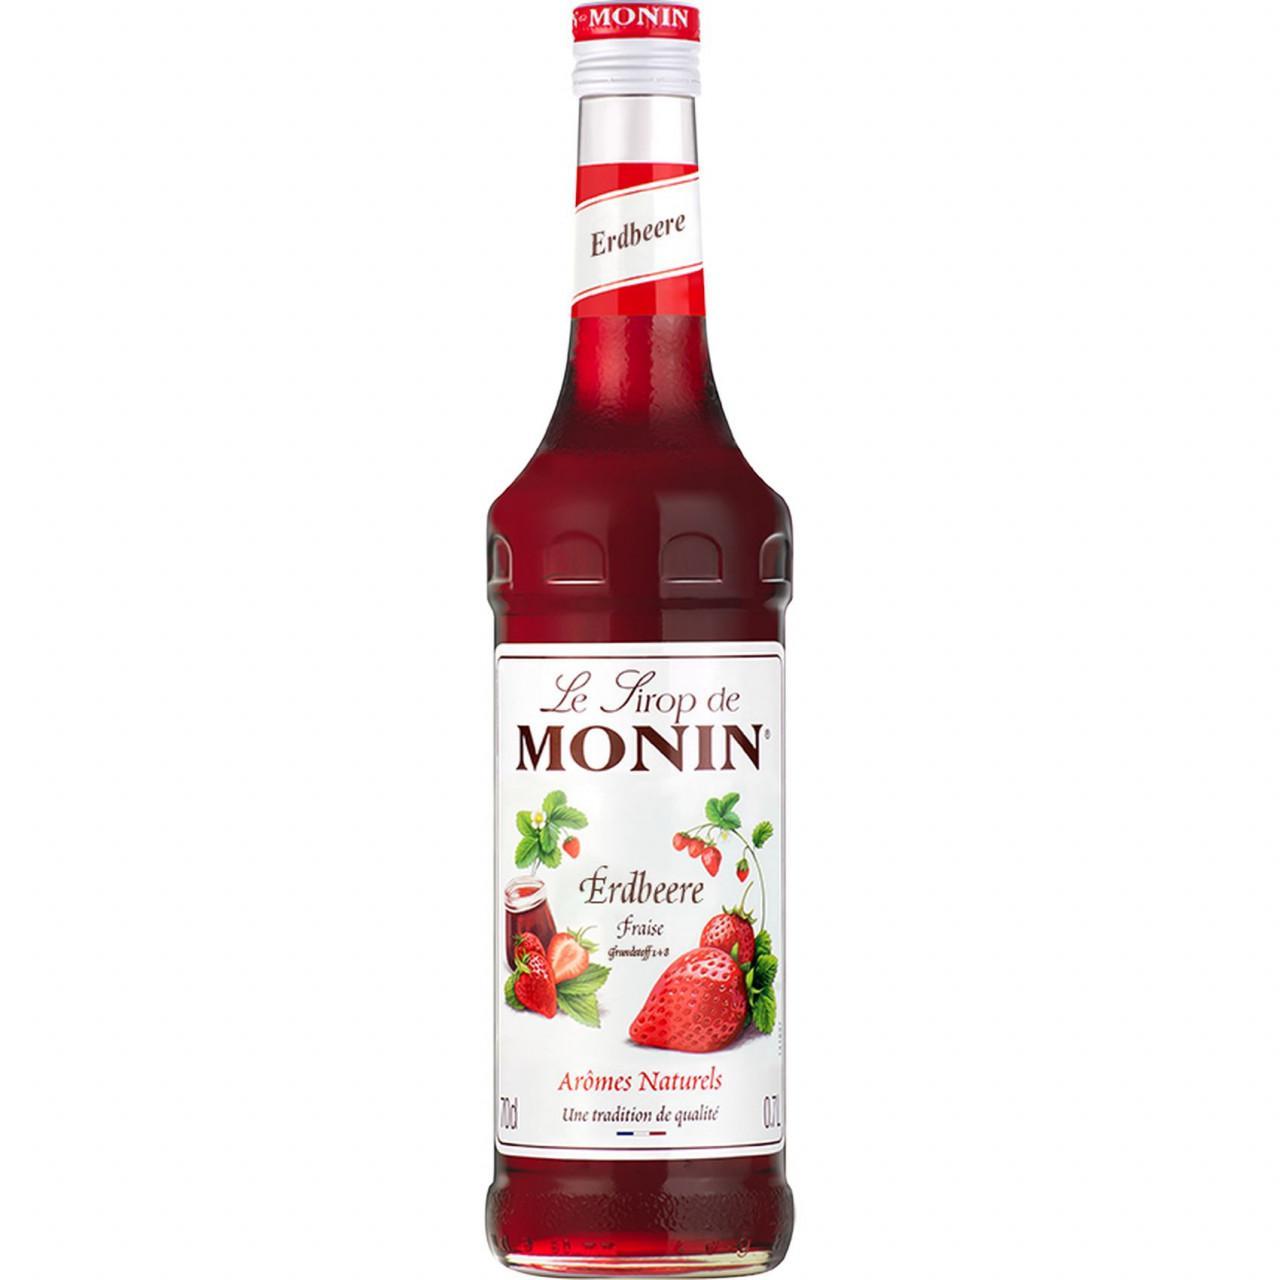 Monin Erdbeersirup 1x 0,7l